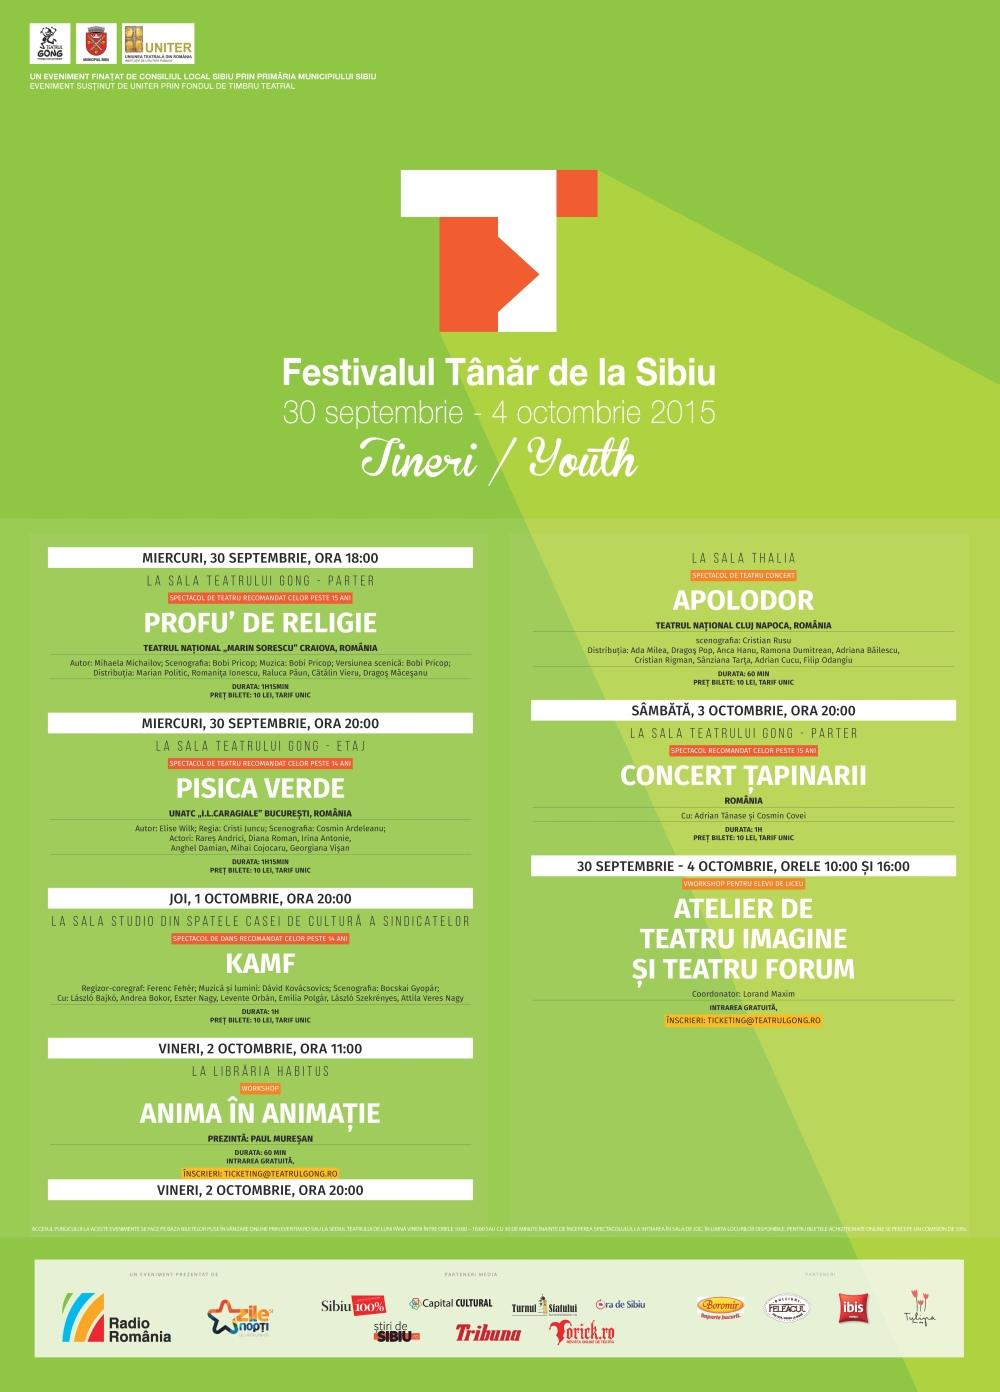 Festivalul Tânăr de la Sibiu